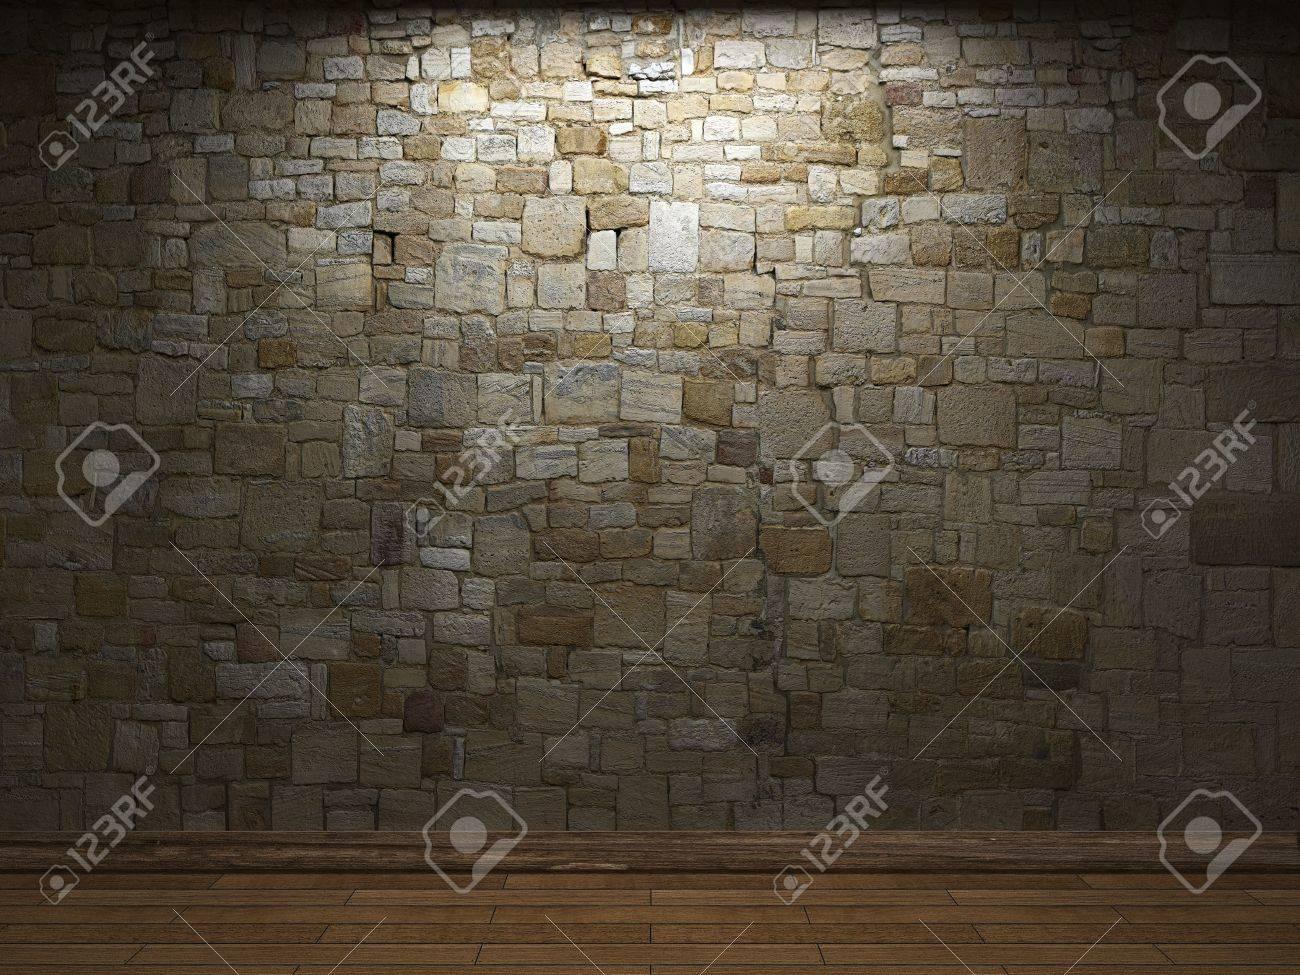 illuminated stone wall Stock Photo - 6318336